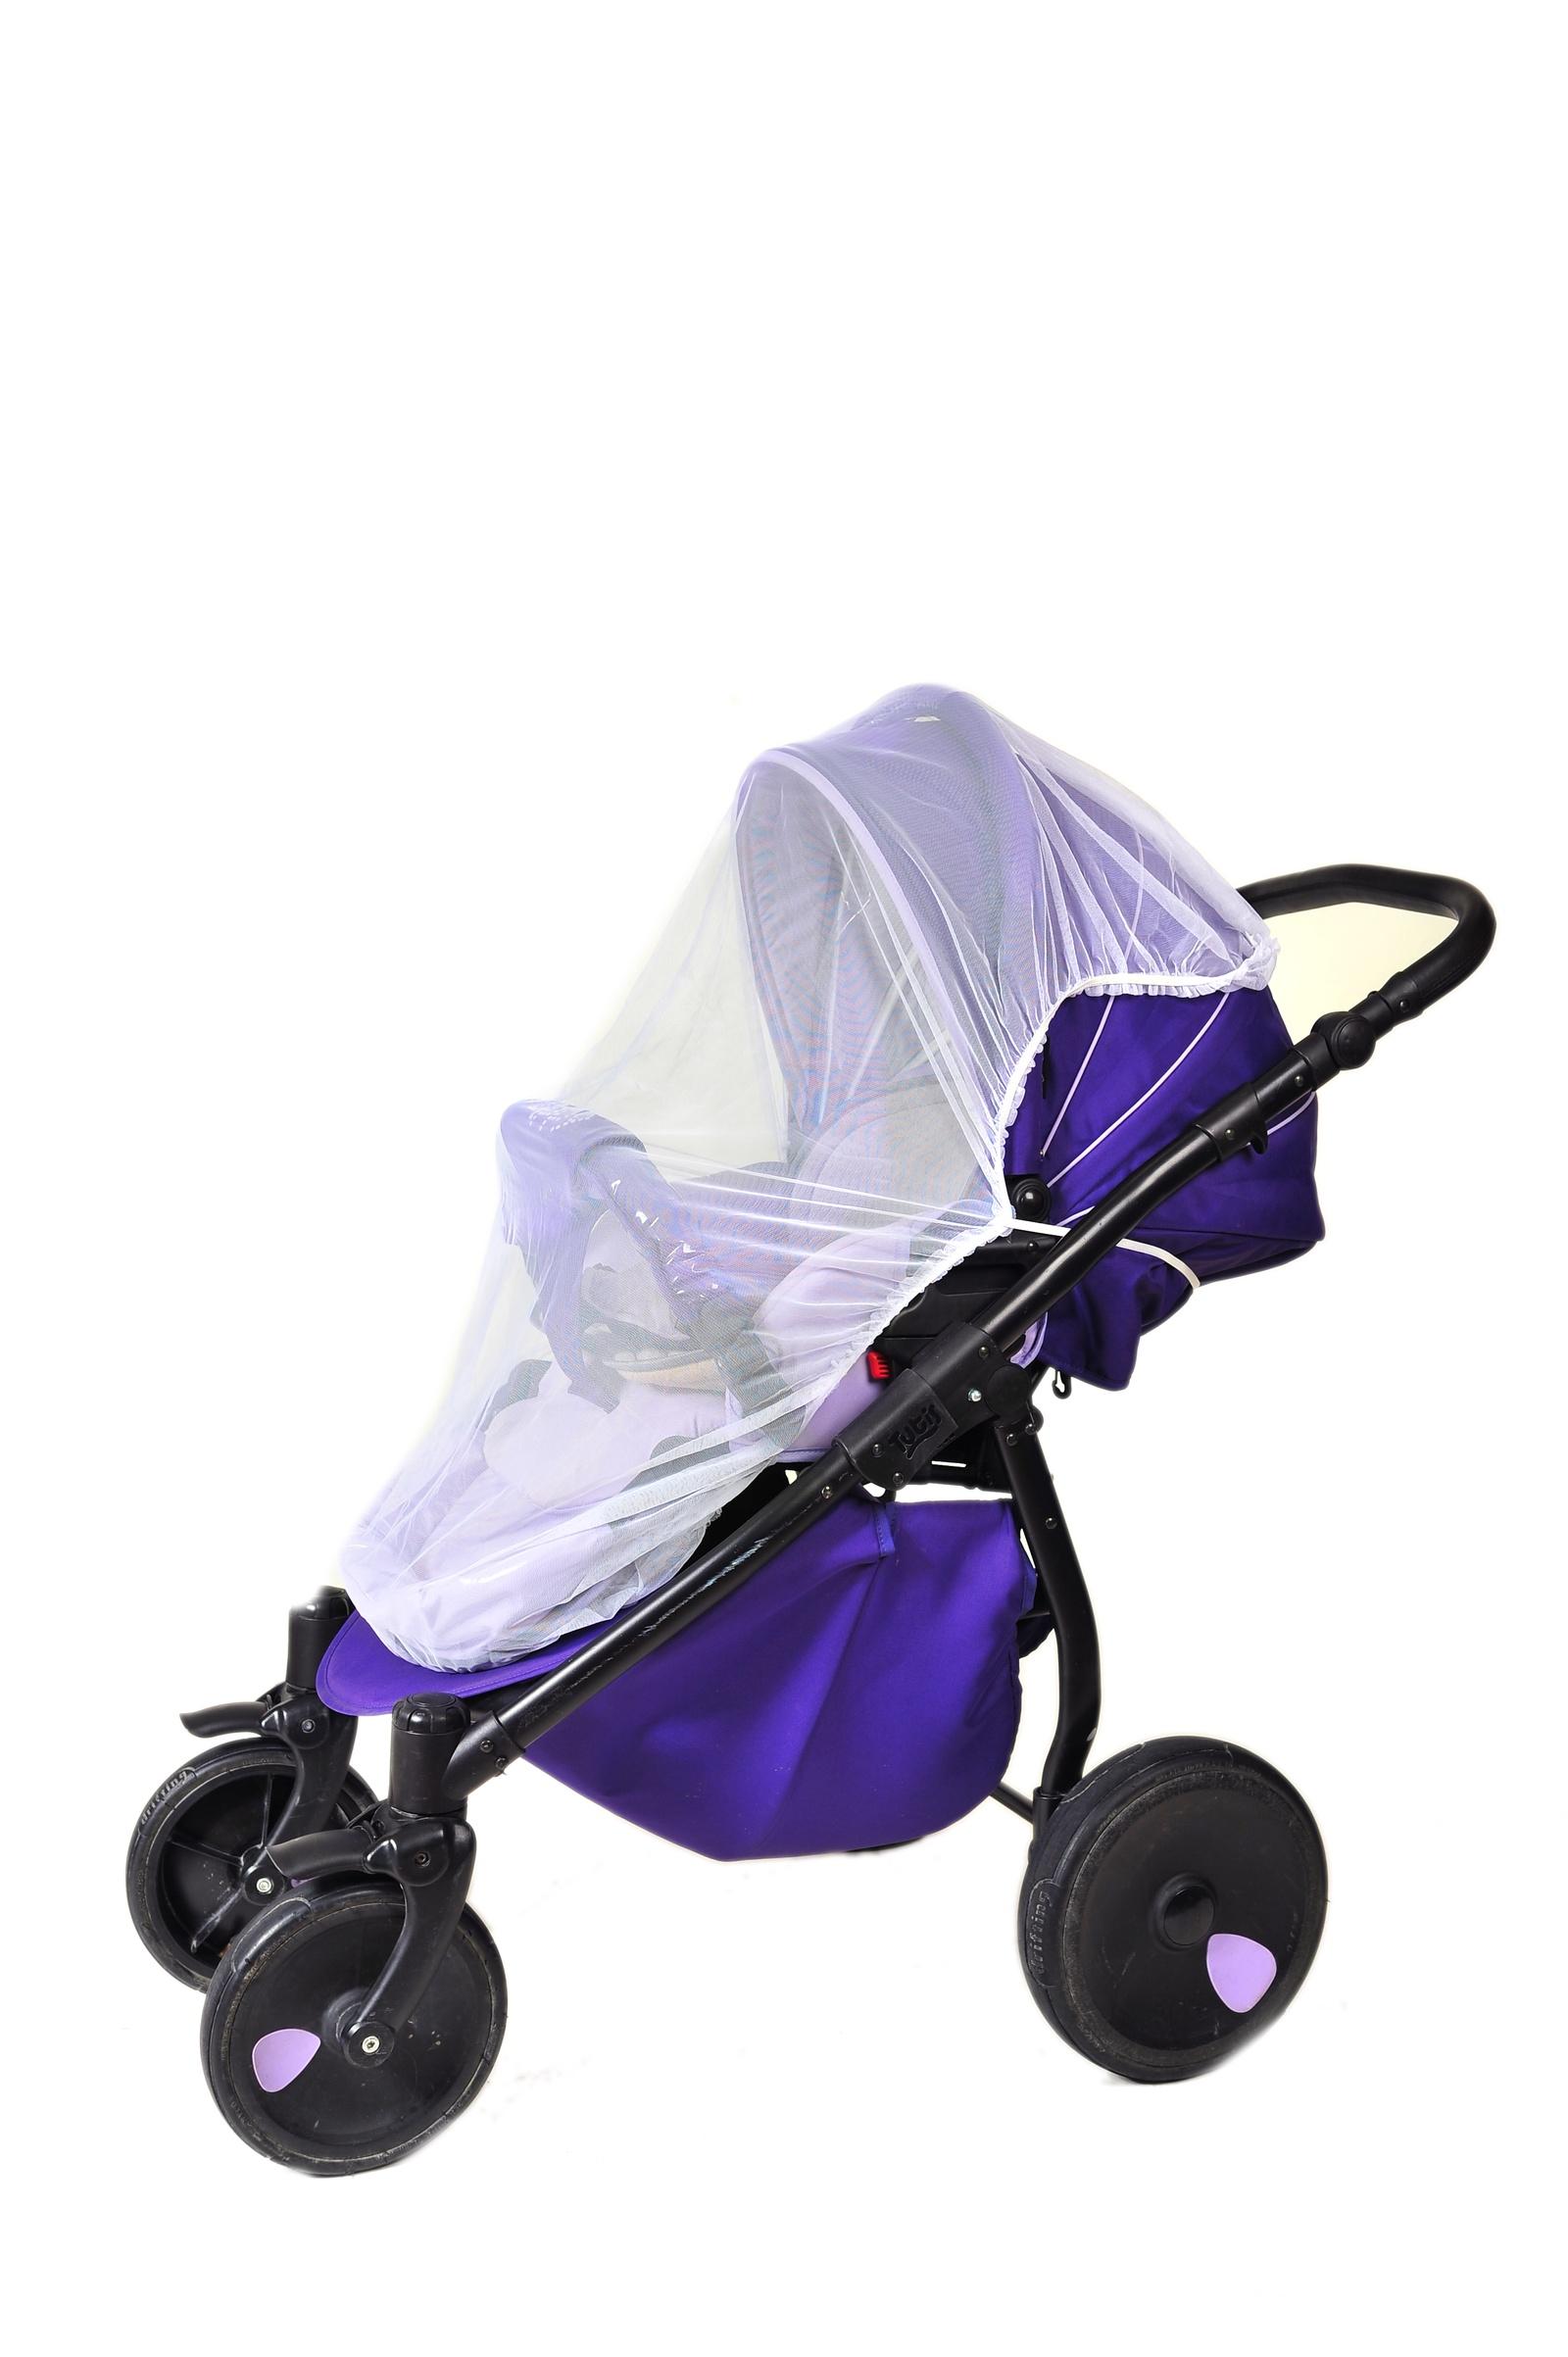 зонты для колясок Аксессуар для колясок Шумелки Москитная сетка для коляски Универсальная белый